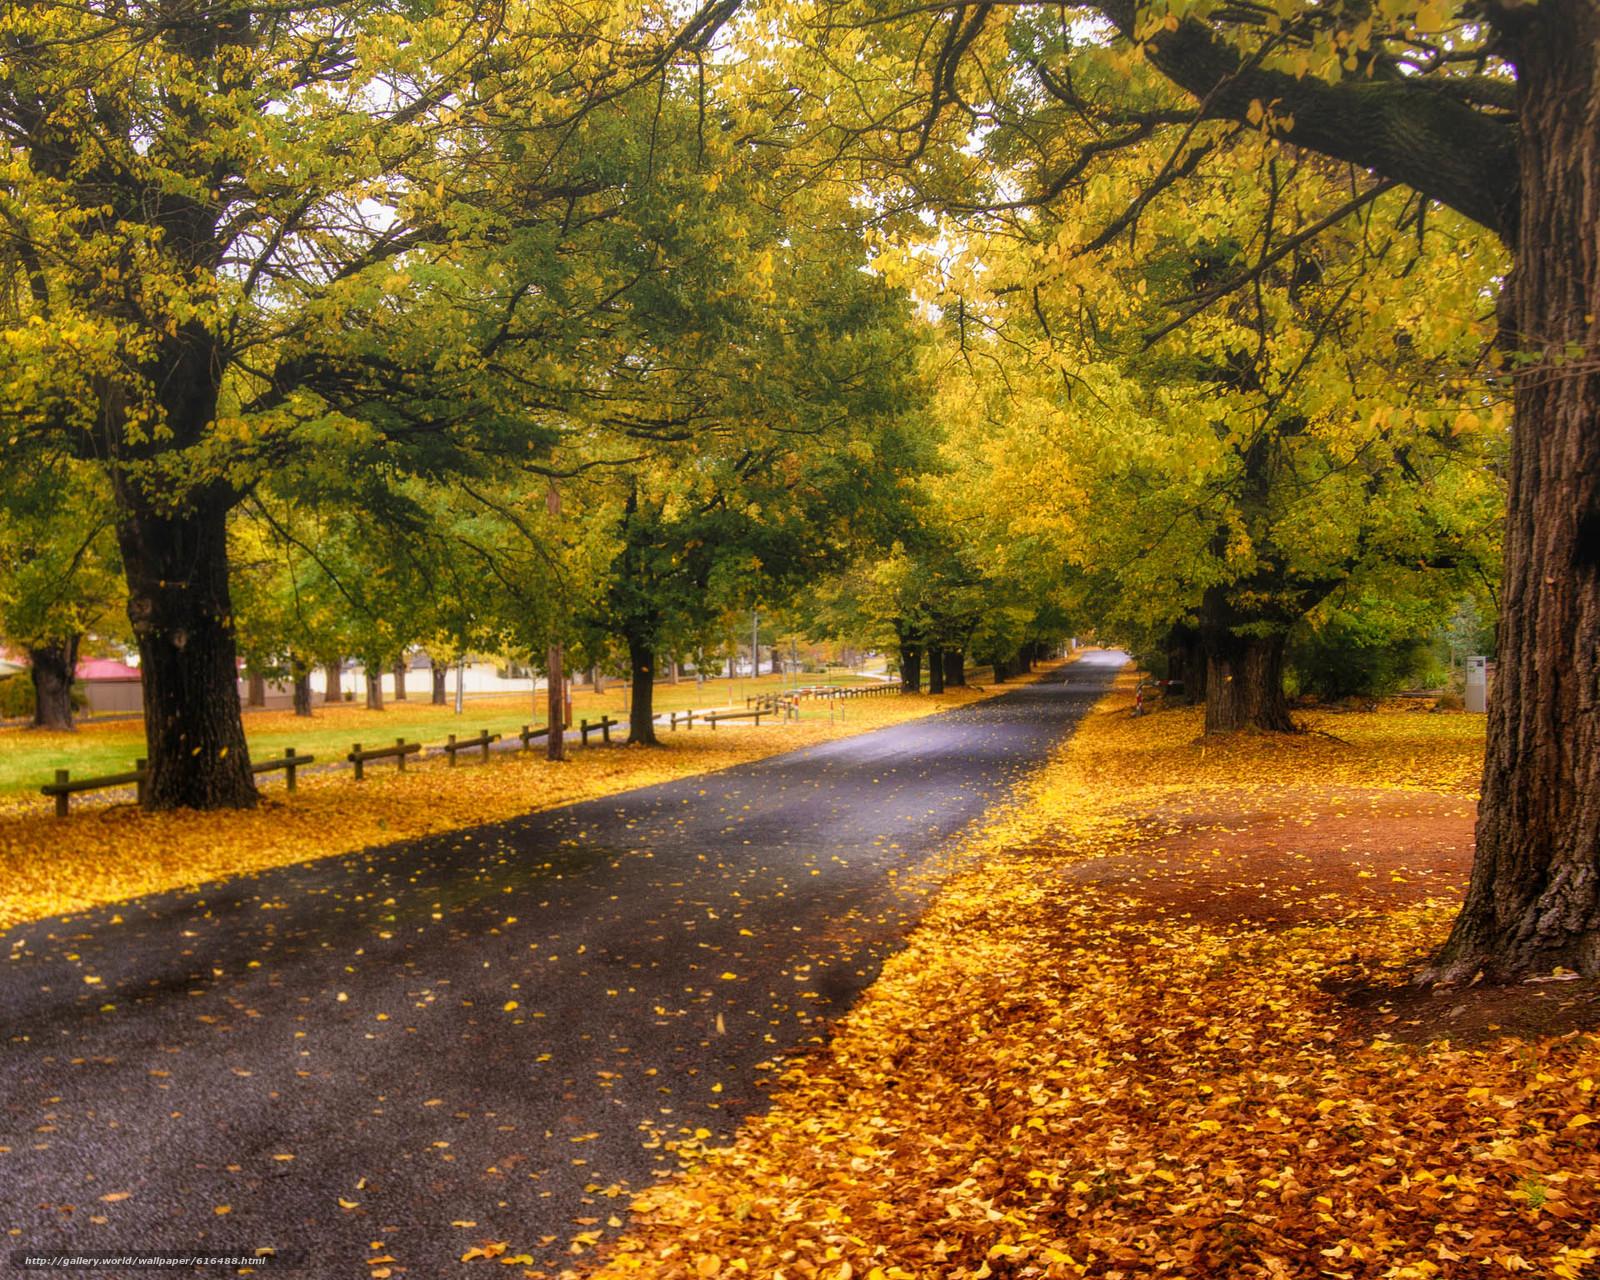 下载壁纸 秋,  道路,  树,  景观 免费为您的桌面分辨率的壁纸 1920x1536 — 图片 №616488